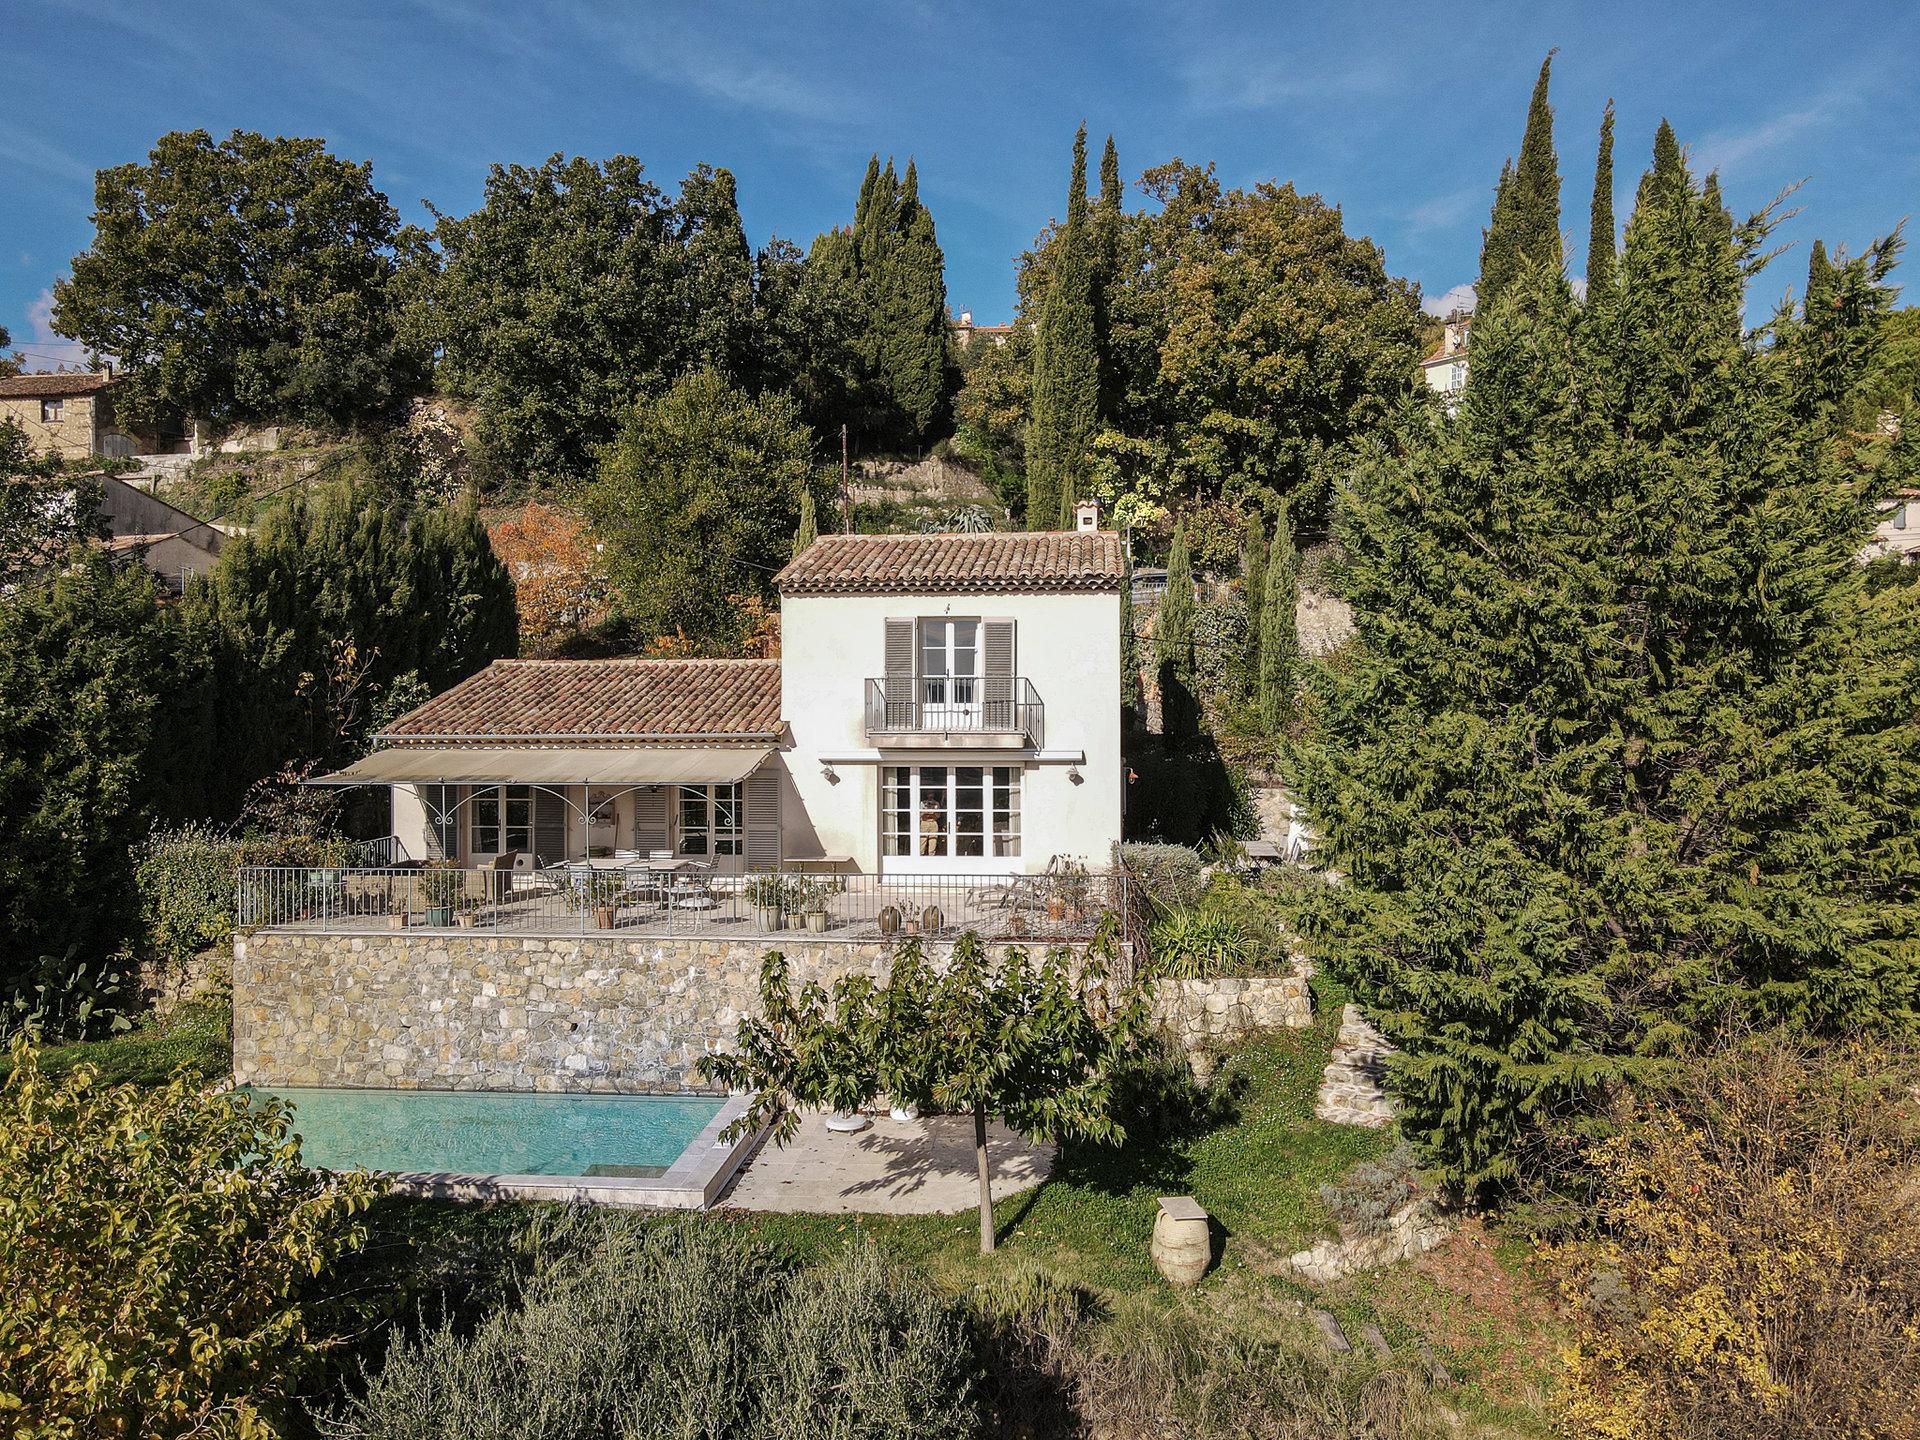 3D VIRTUEEL BEZOEK OP ONZE WEBSITE - Villa met panoramisch uitzicht, rustig gelegen, loopafstand van het dorp